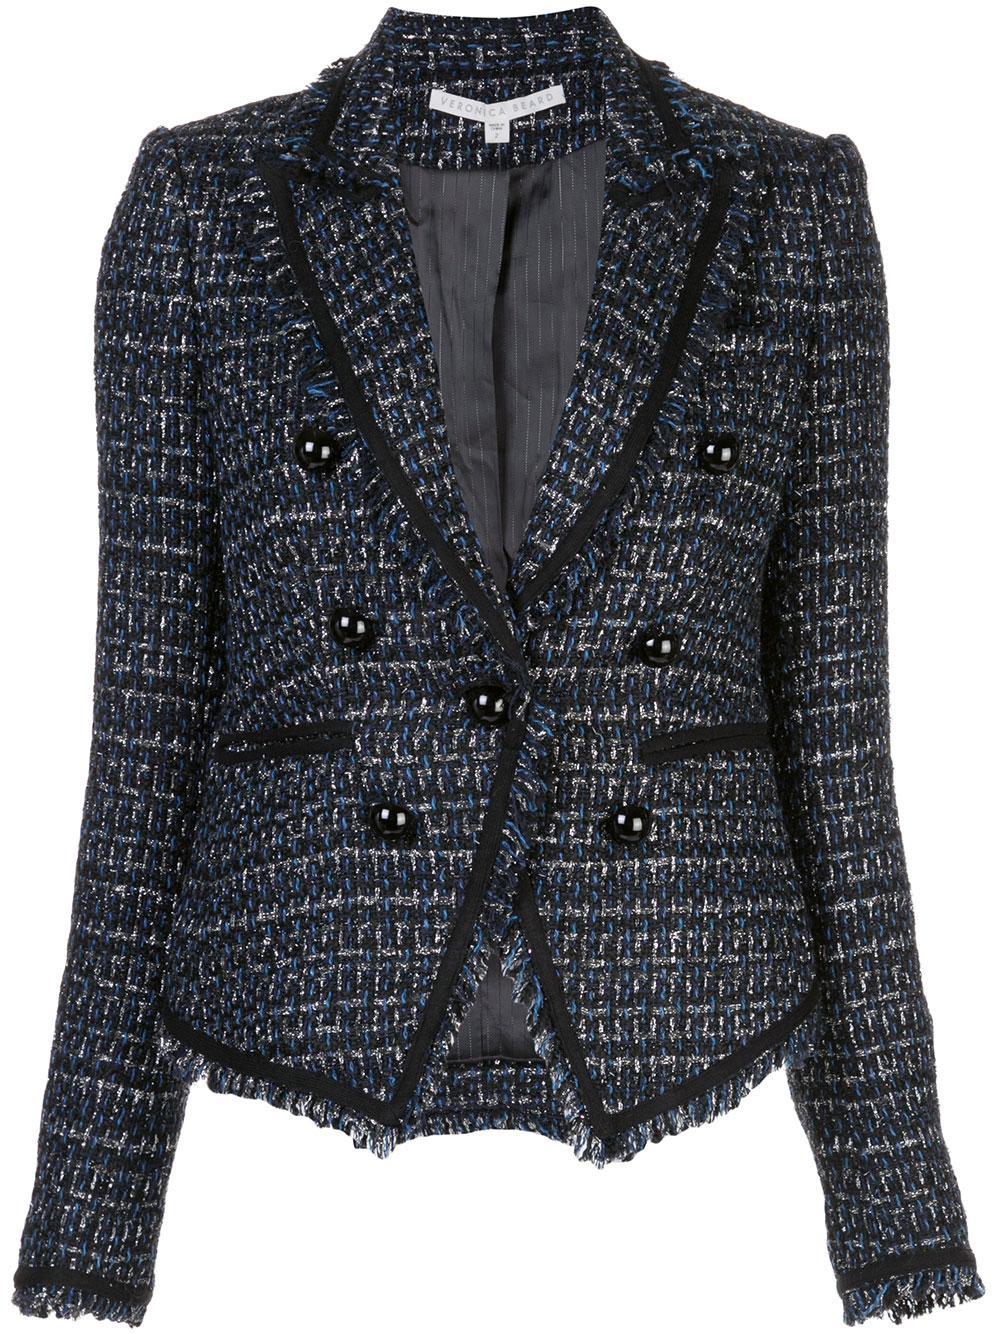 Cooke Tweed Dickey Jacket Item # 1910TW0201598